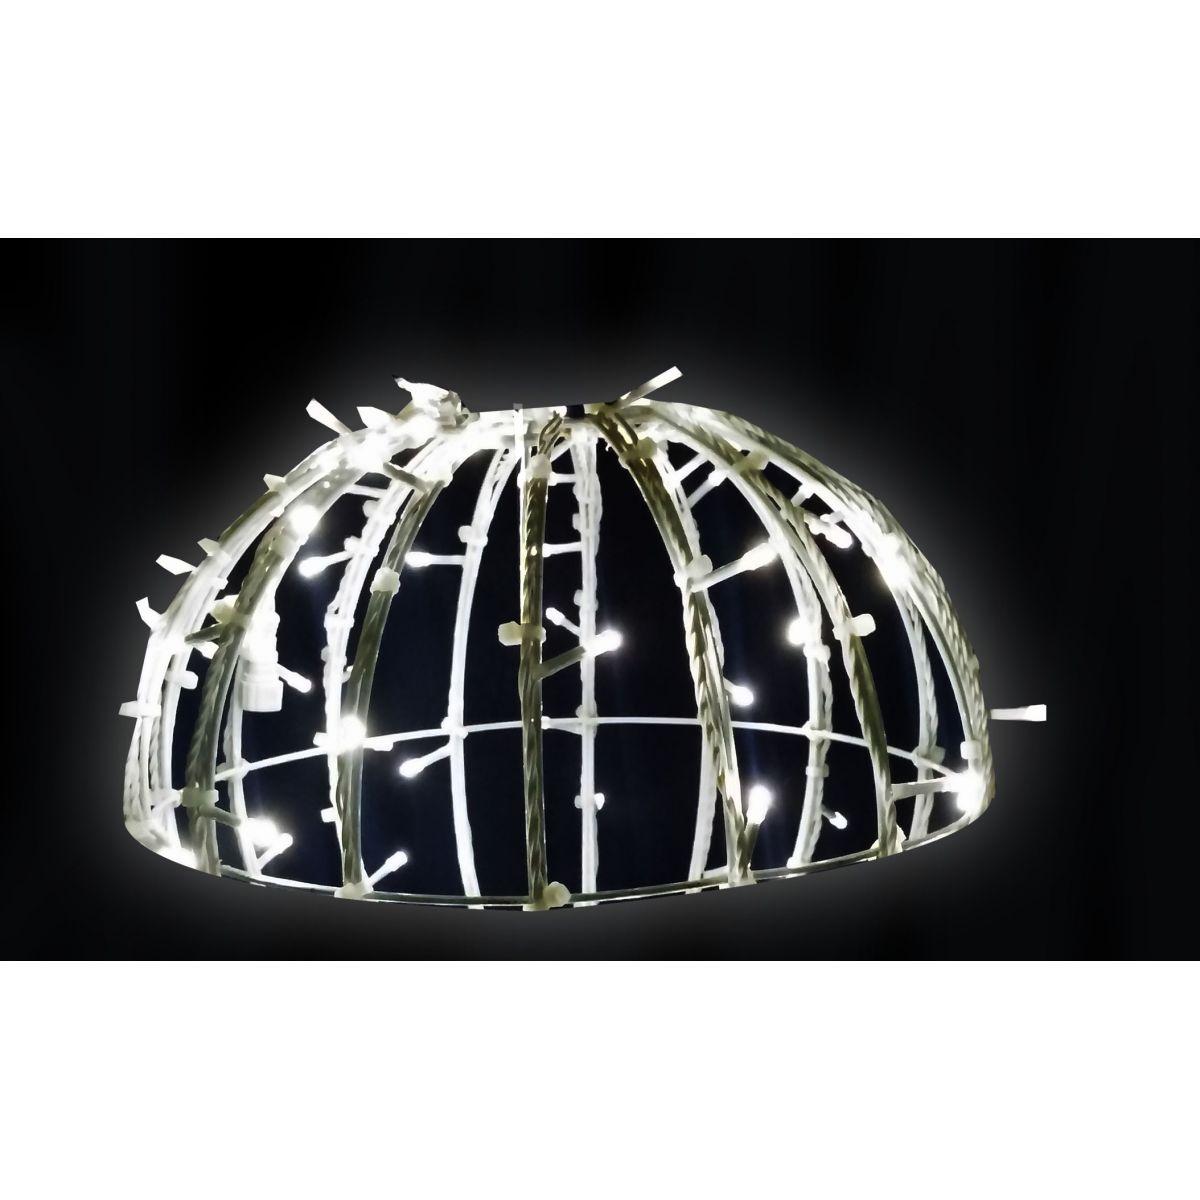 132/100-FA - Bola de Natal 1,00 Metro Meia Face  Esfera Gigante Led